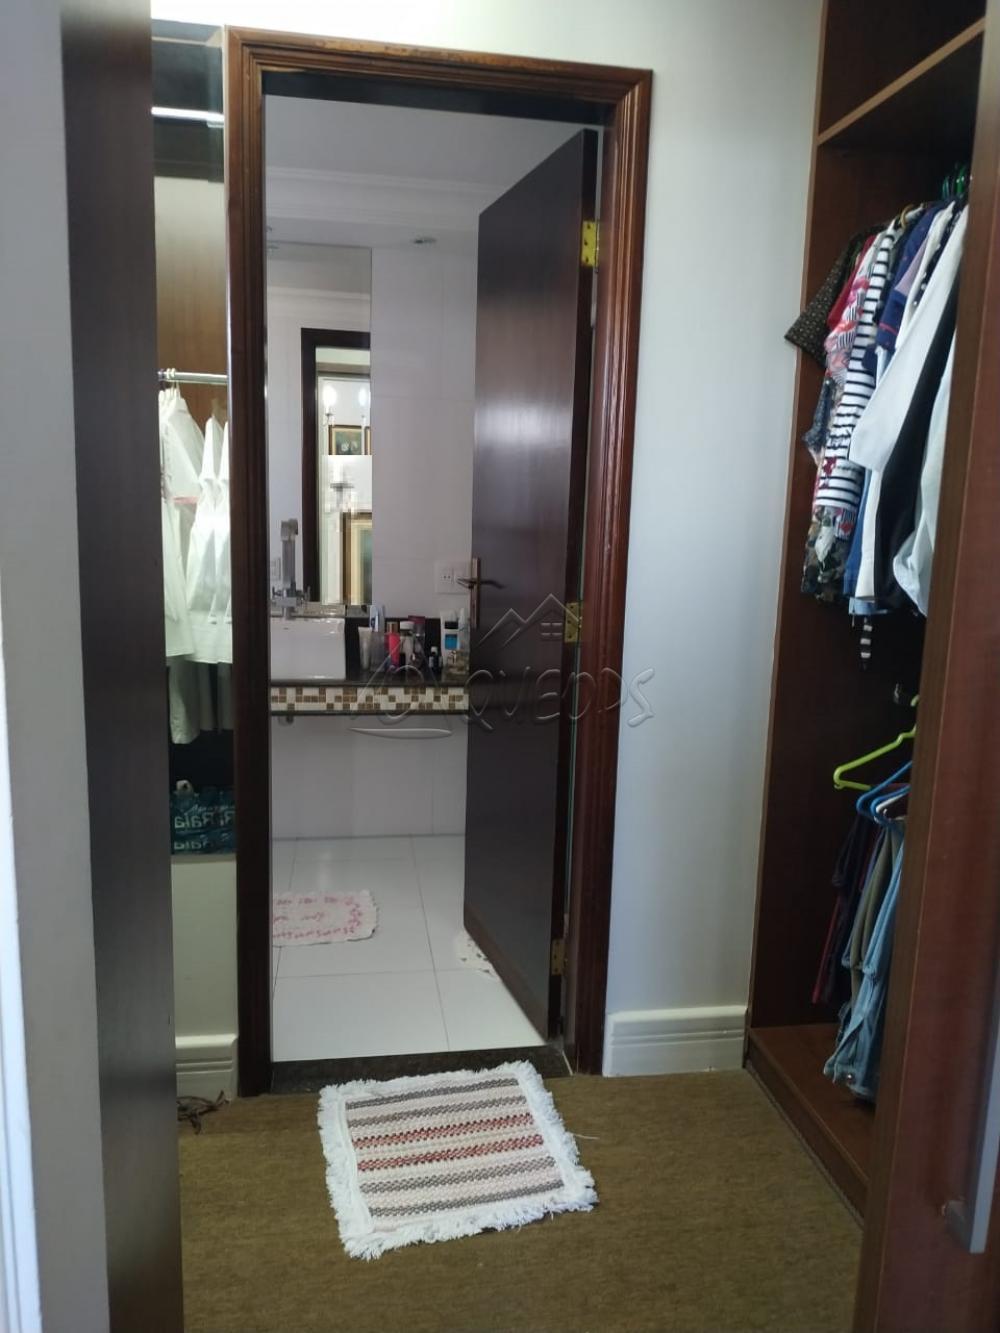 Comprar Apartamento / Padrão em Barretos apenas R$ 1.200.000,00 - Foto 17